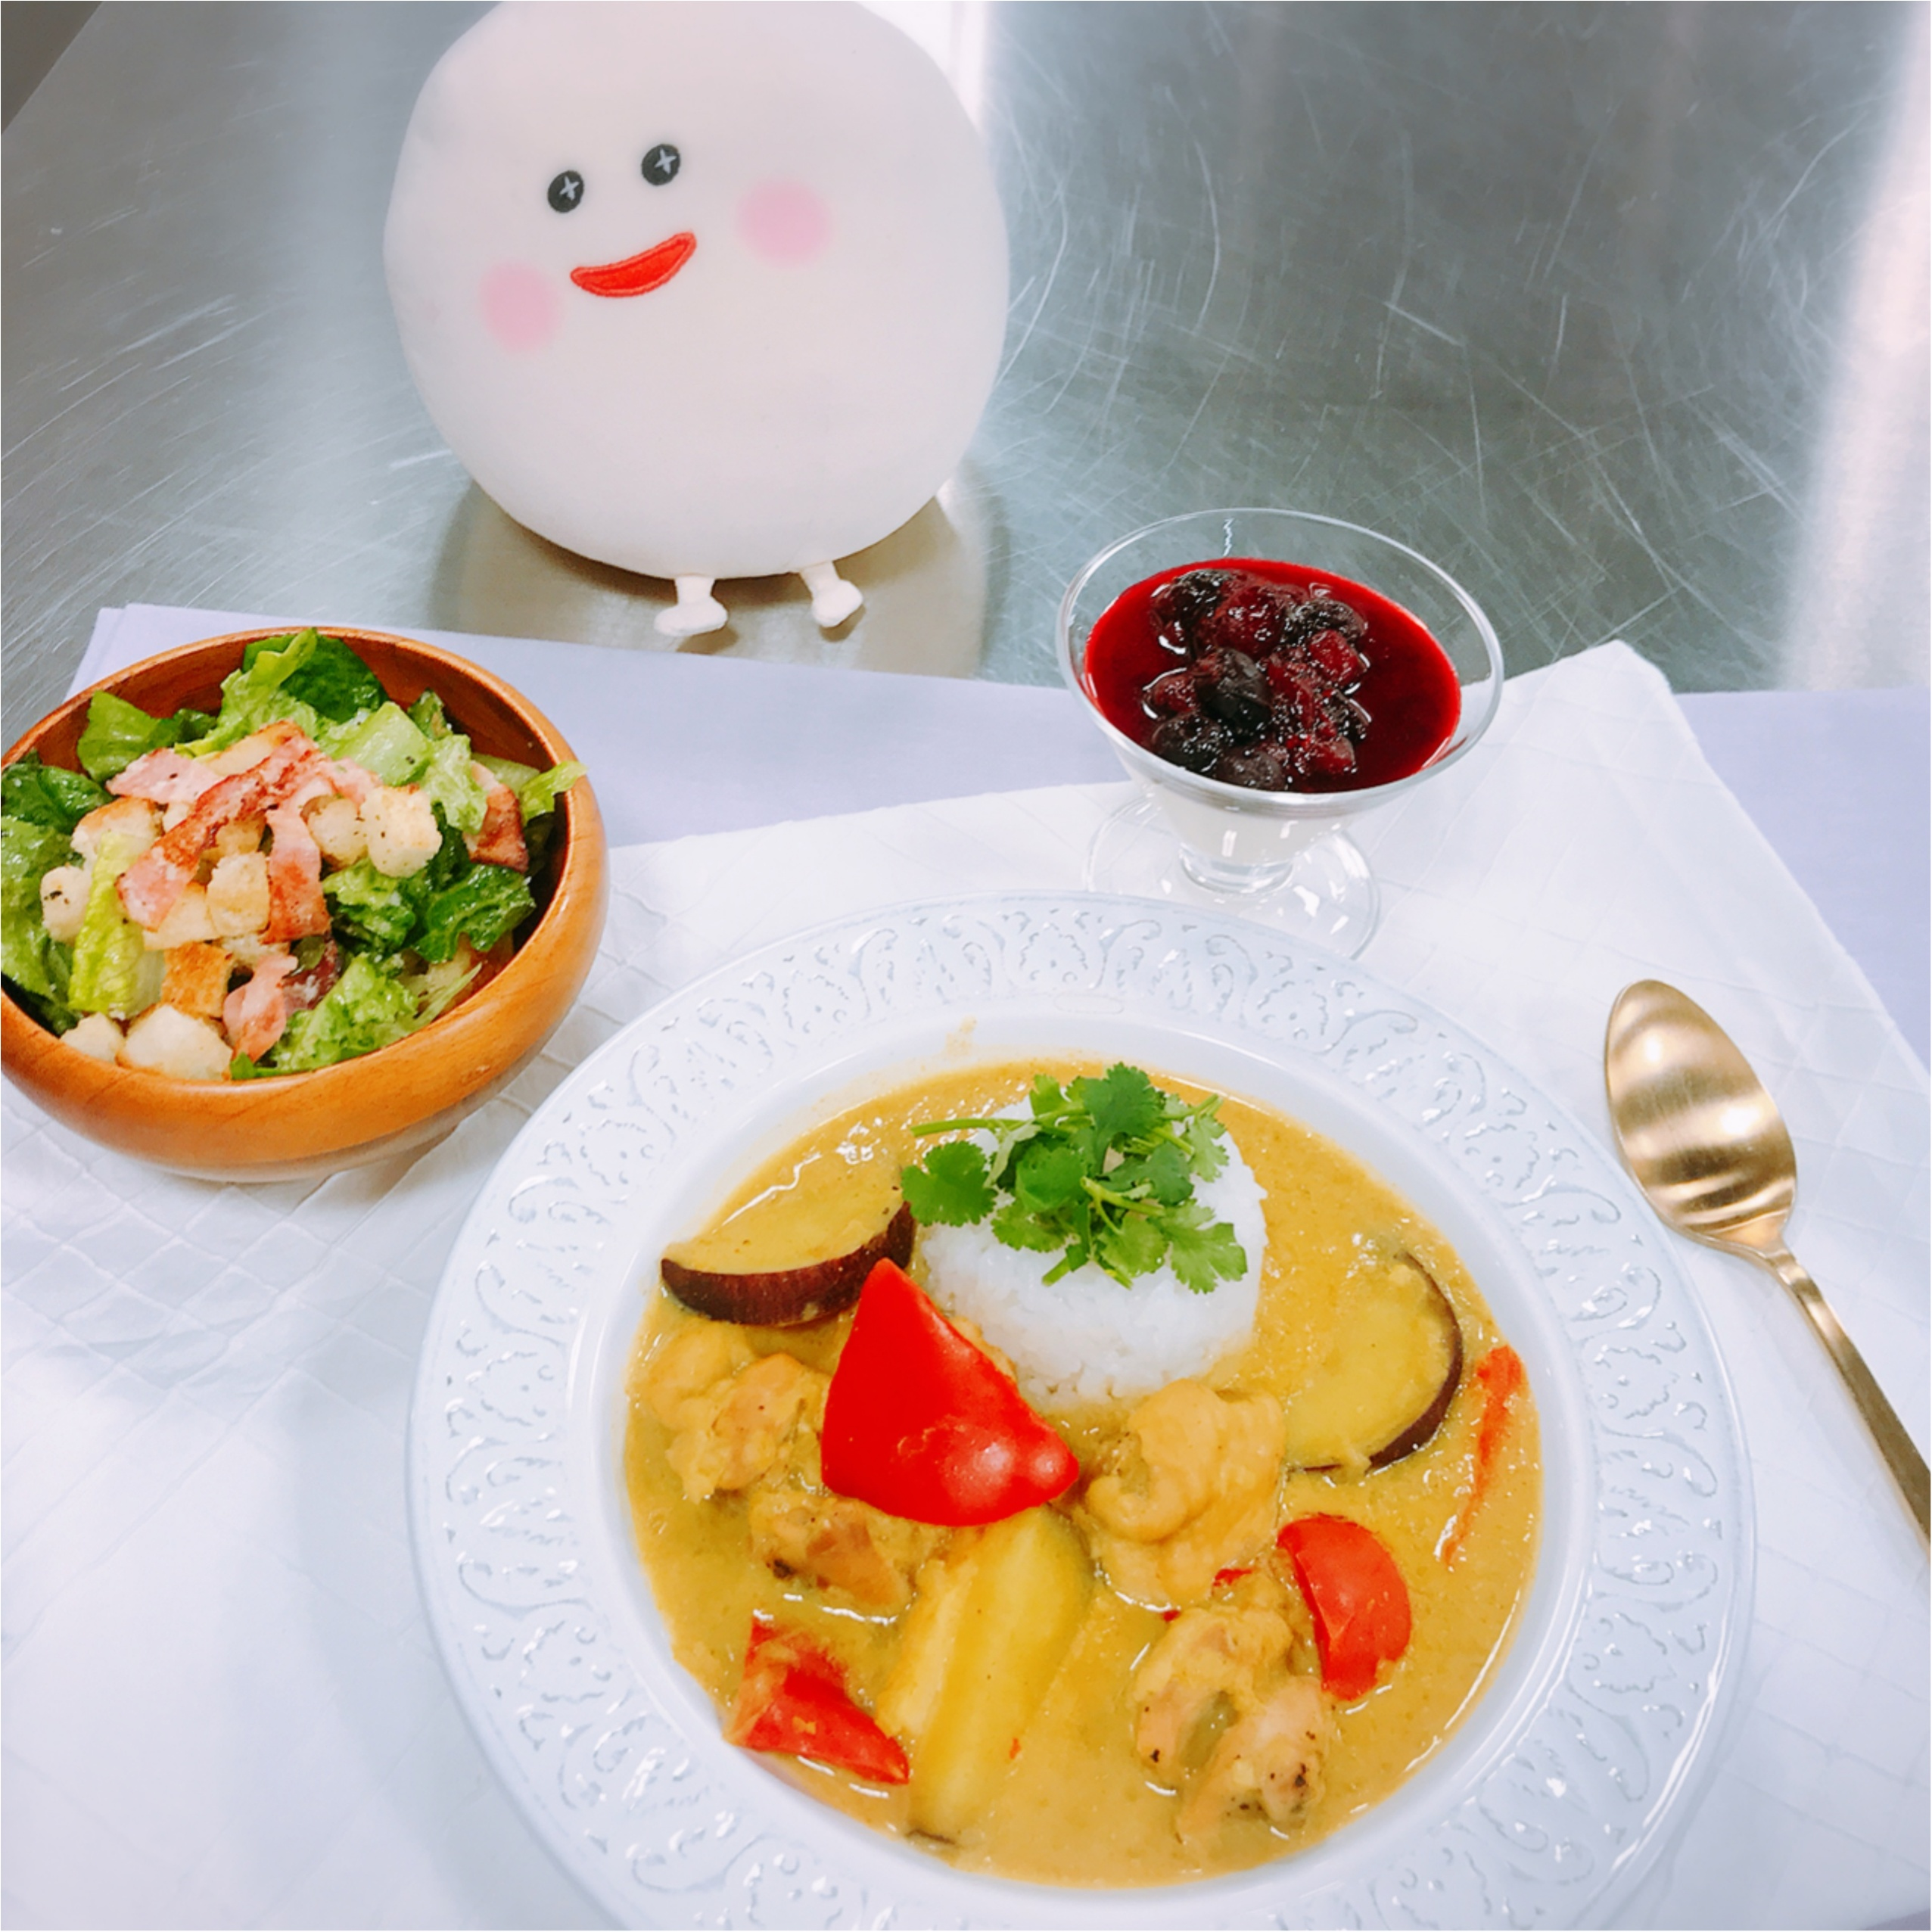 うれしいおみやげ付き♡《なめらか本舗》×《ABC Cooking Studio》の豆乳料理ワークショップに行ってきました!_5